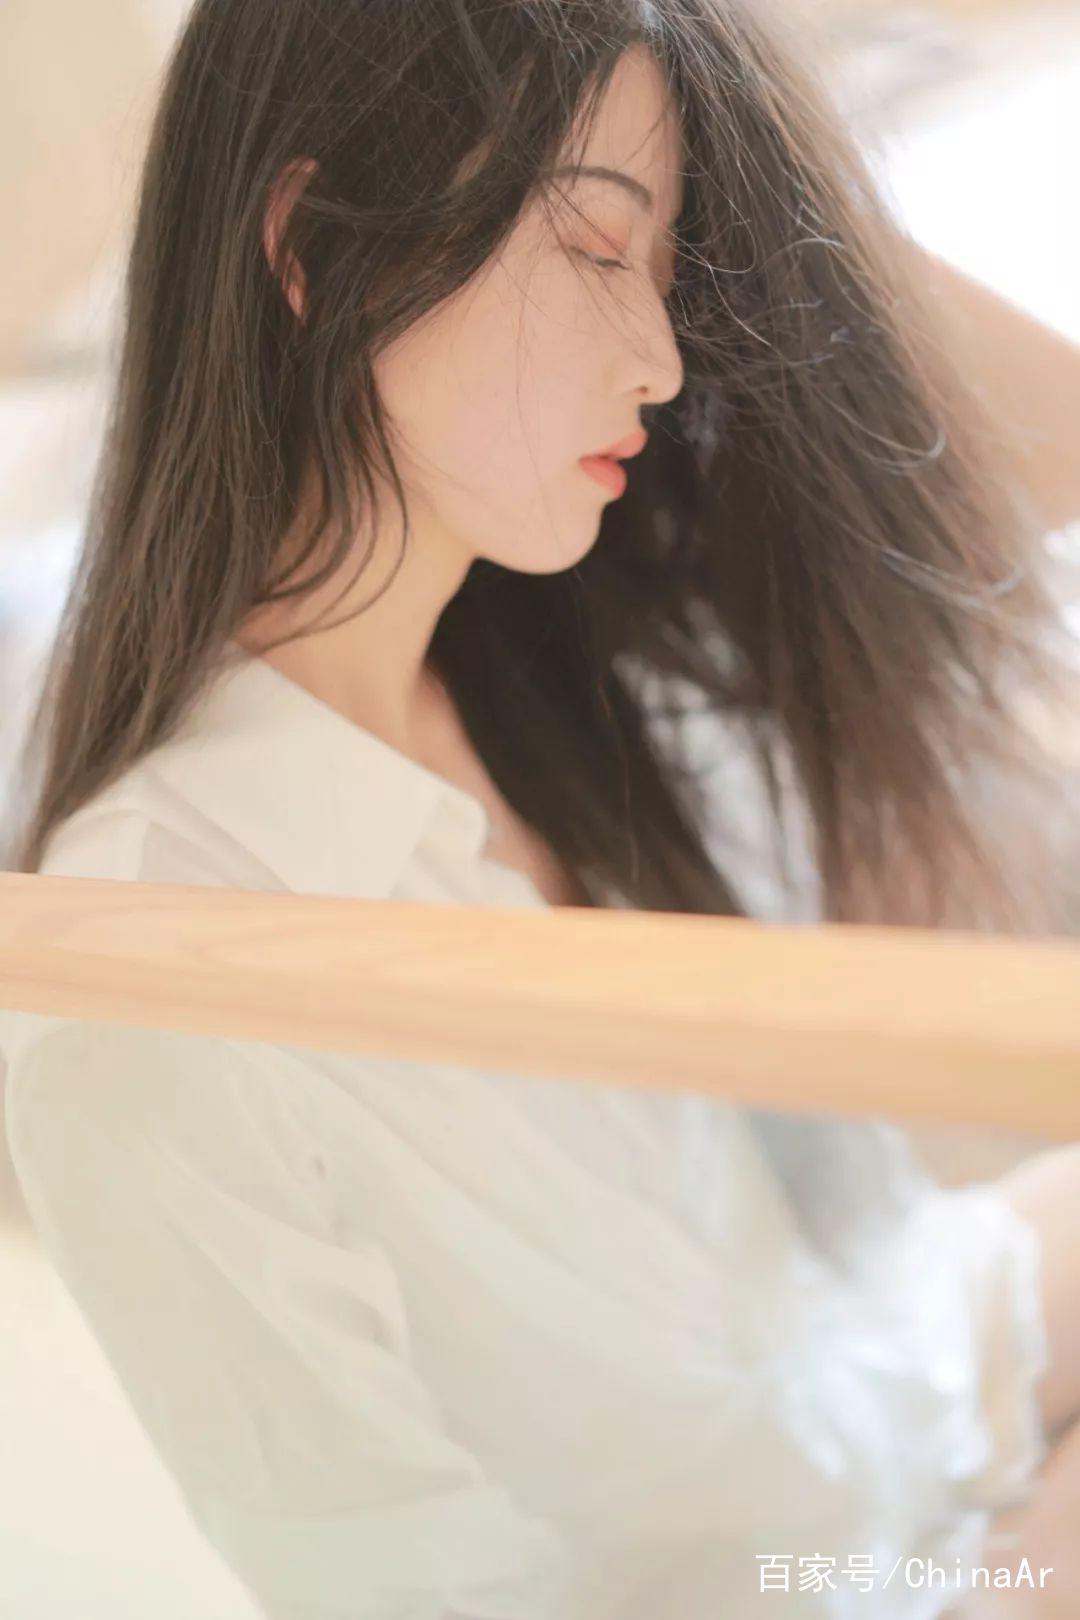 杭州网红民宿   90%年轻人不知道的摄影轰趴体验 推荐 第1张